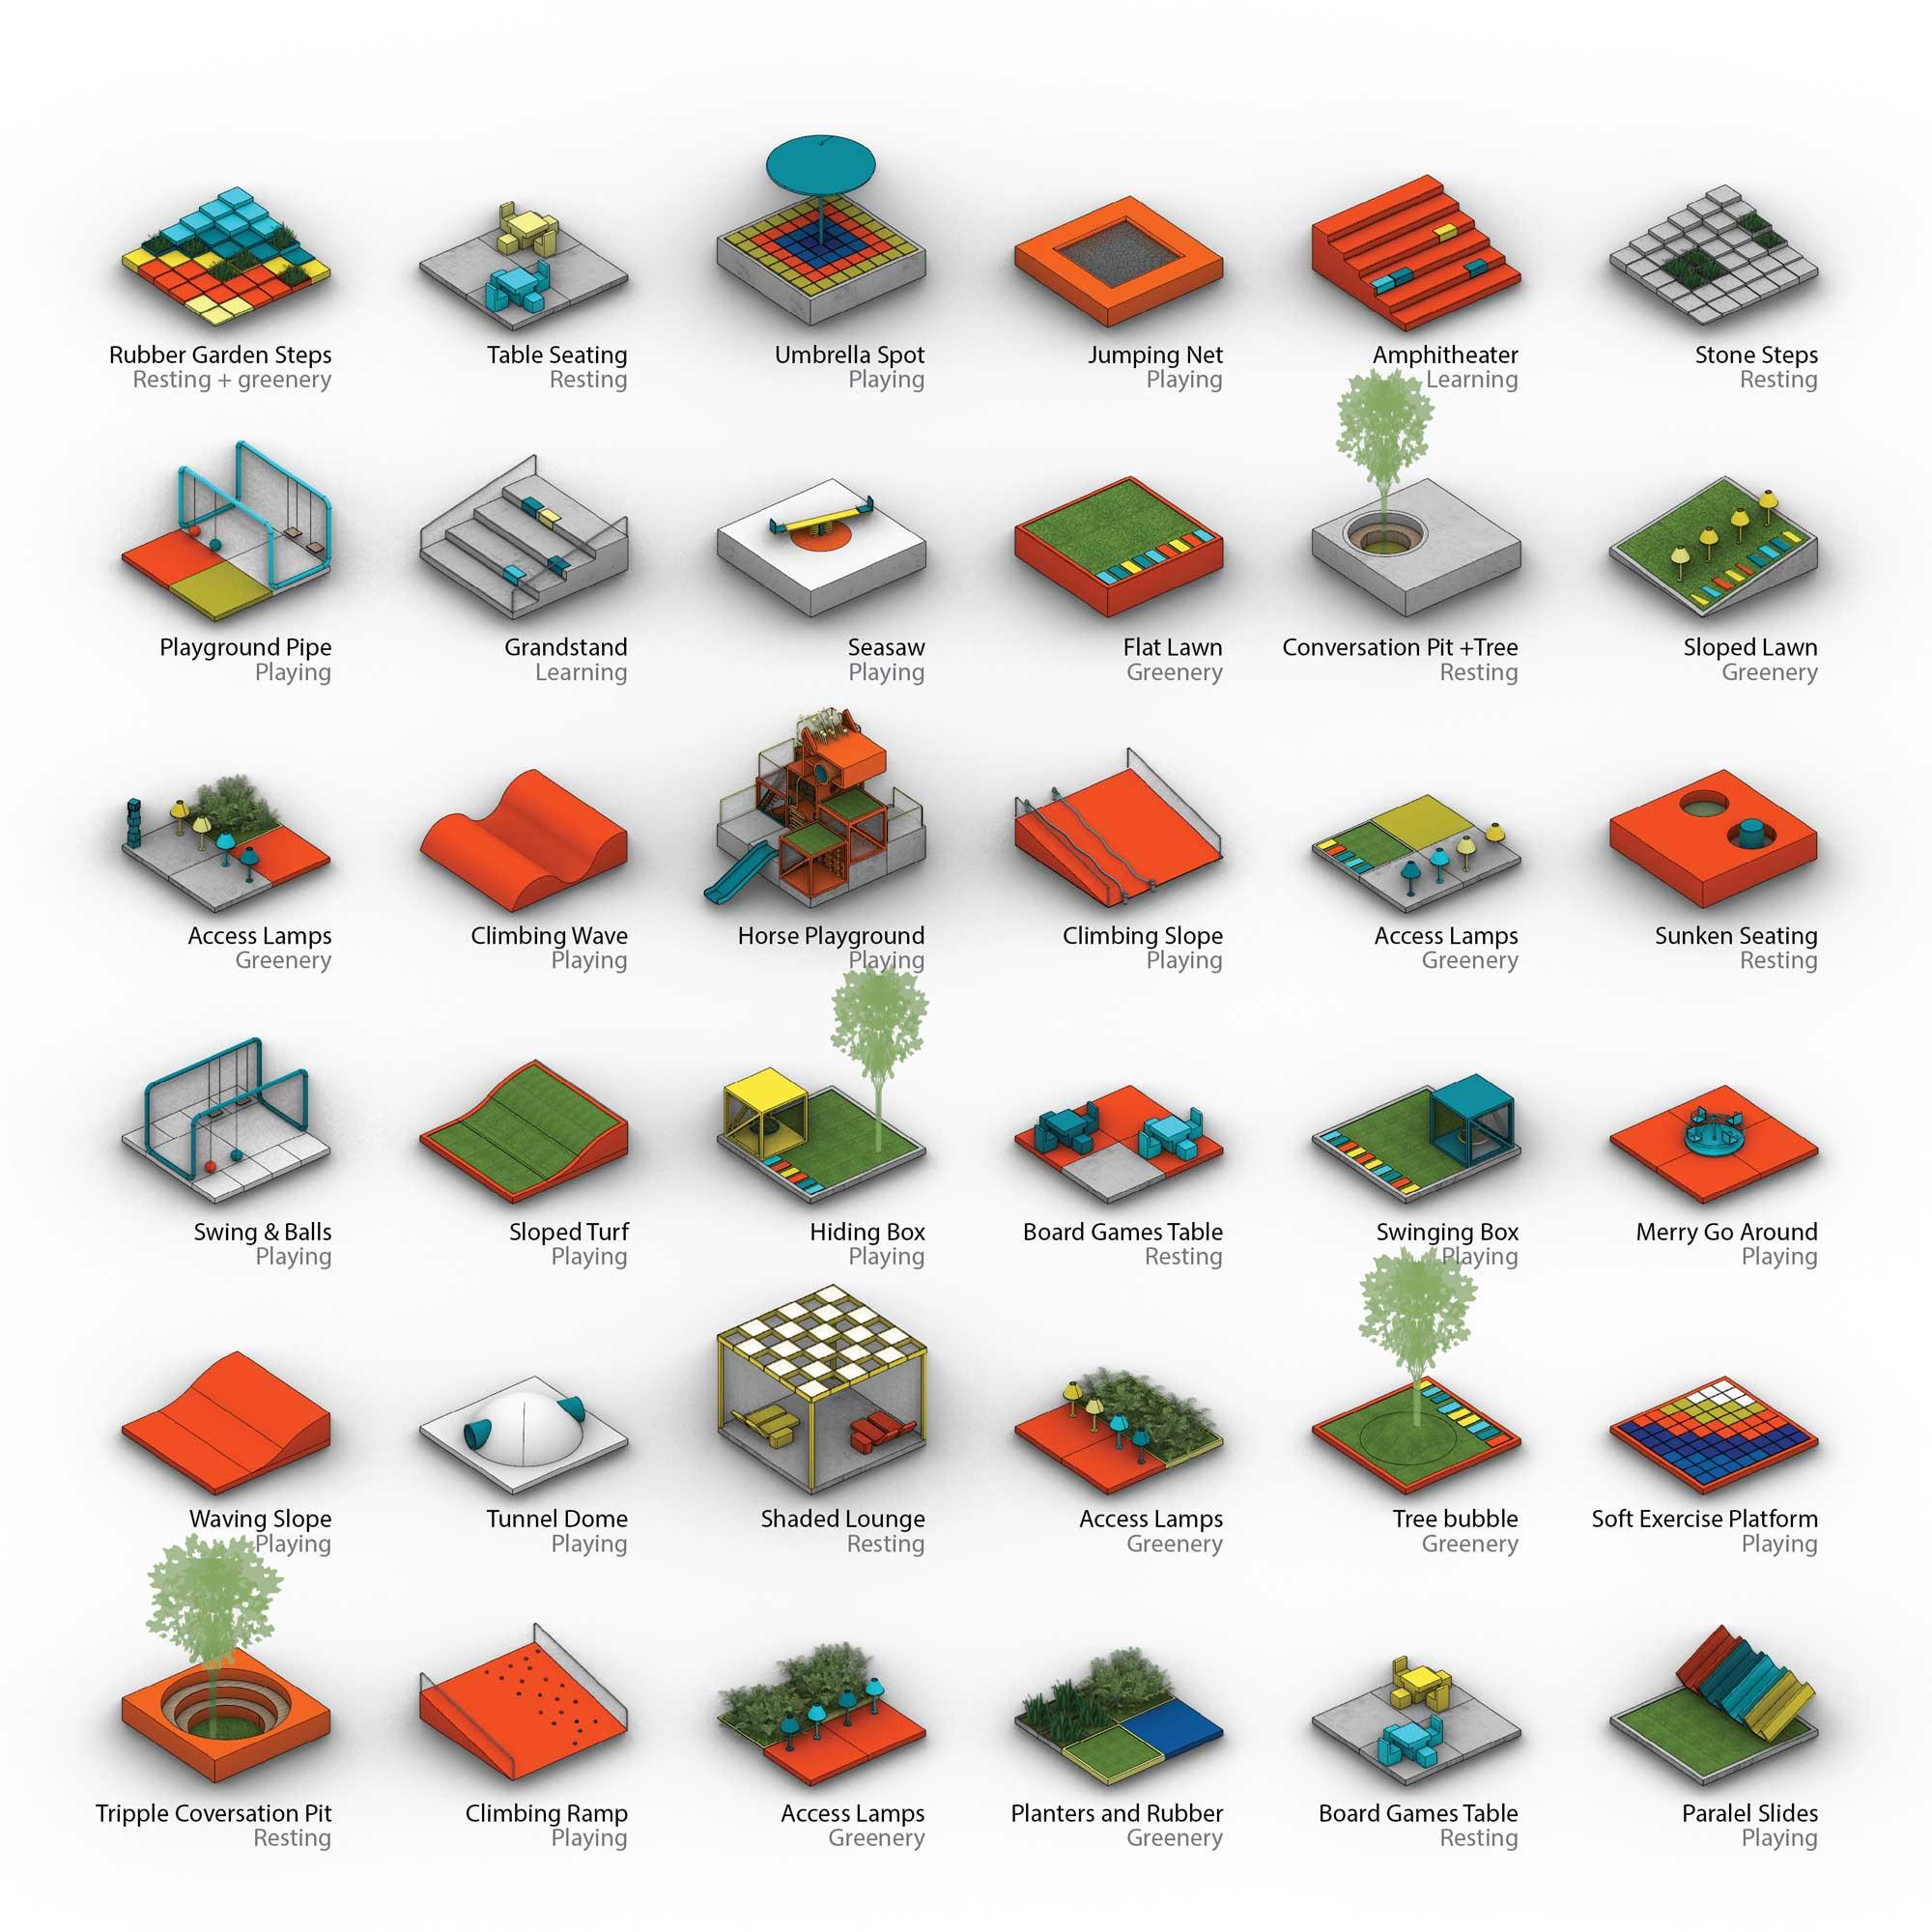 Pixeland, Mianyang, Sichuan Province, China, 100 Architects - Sheet1